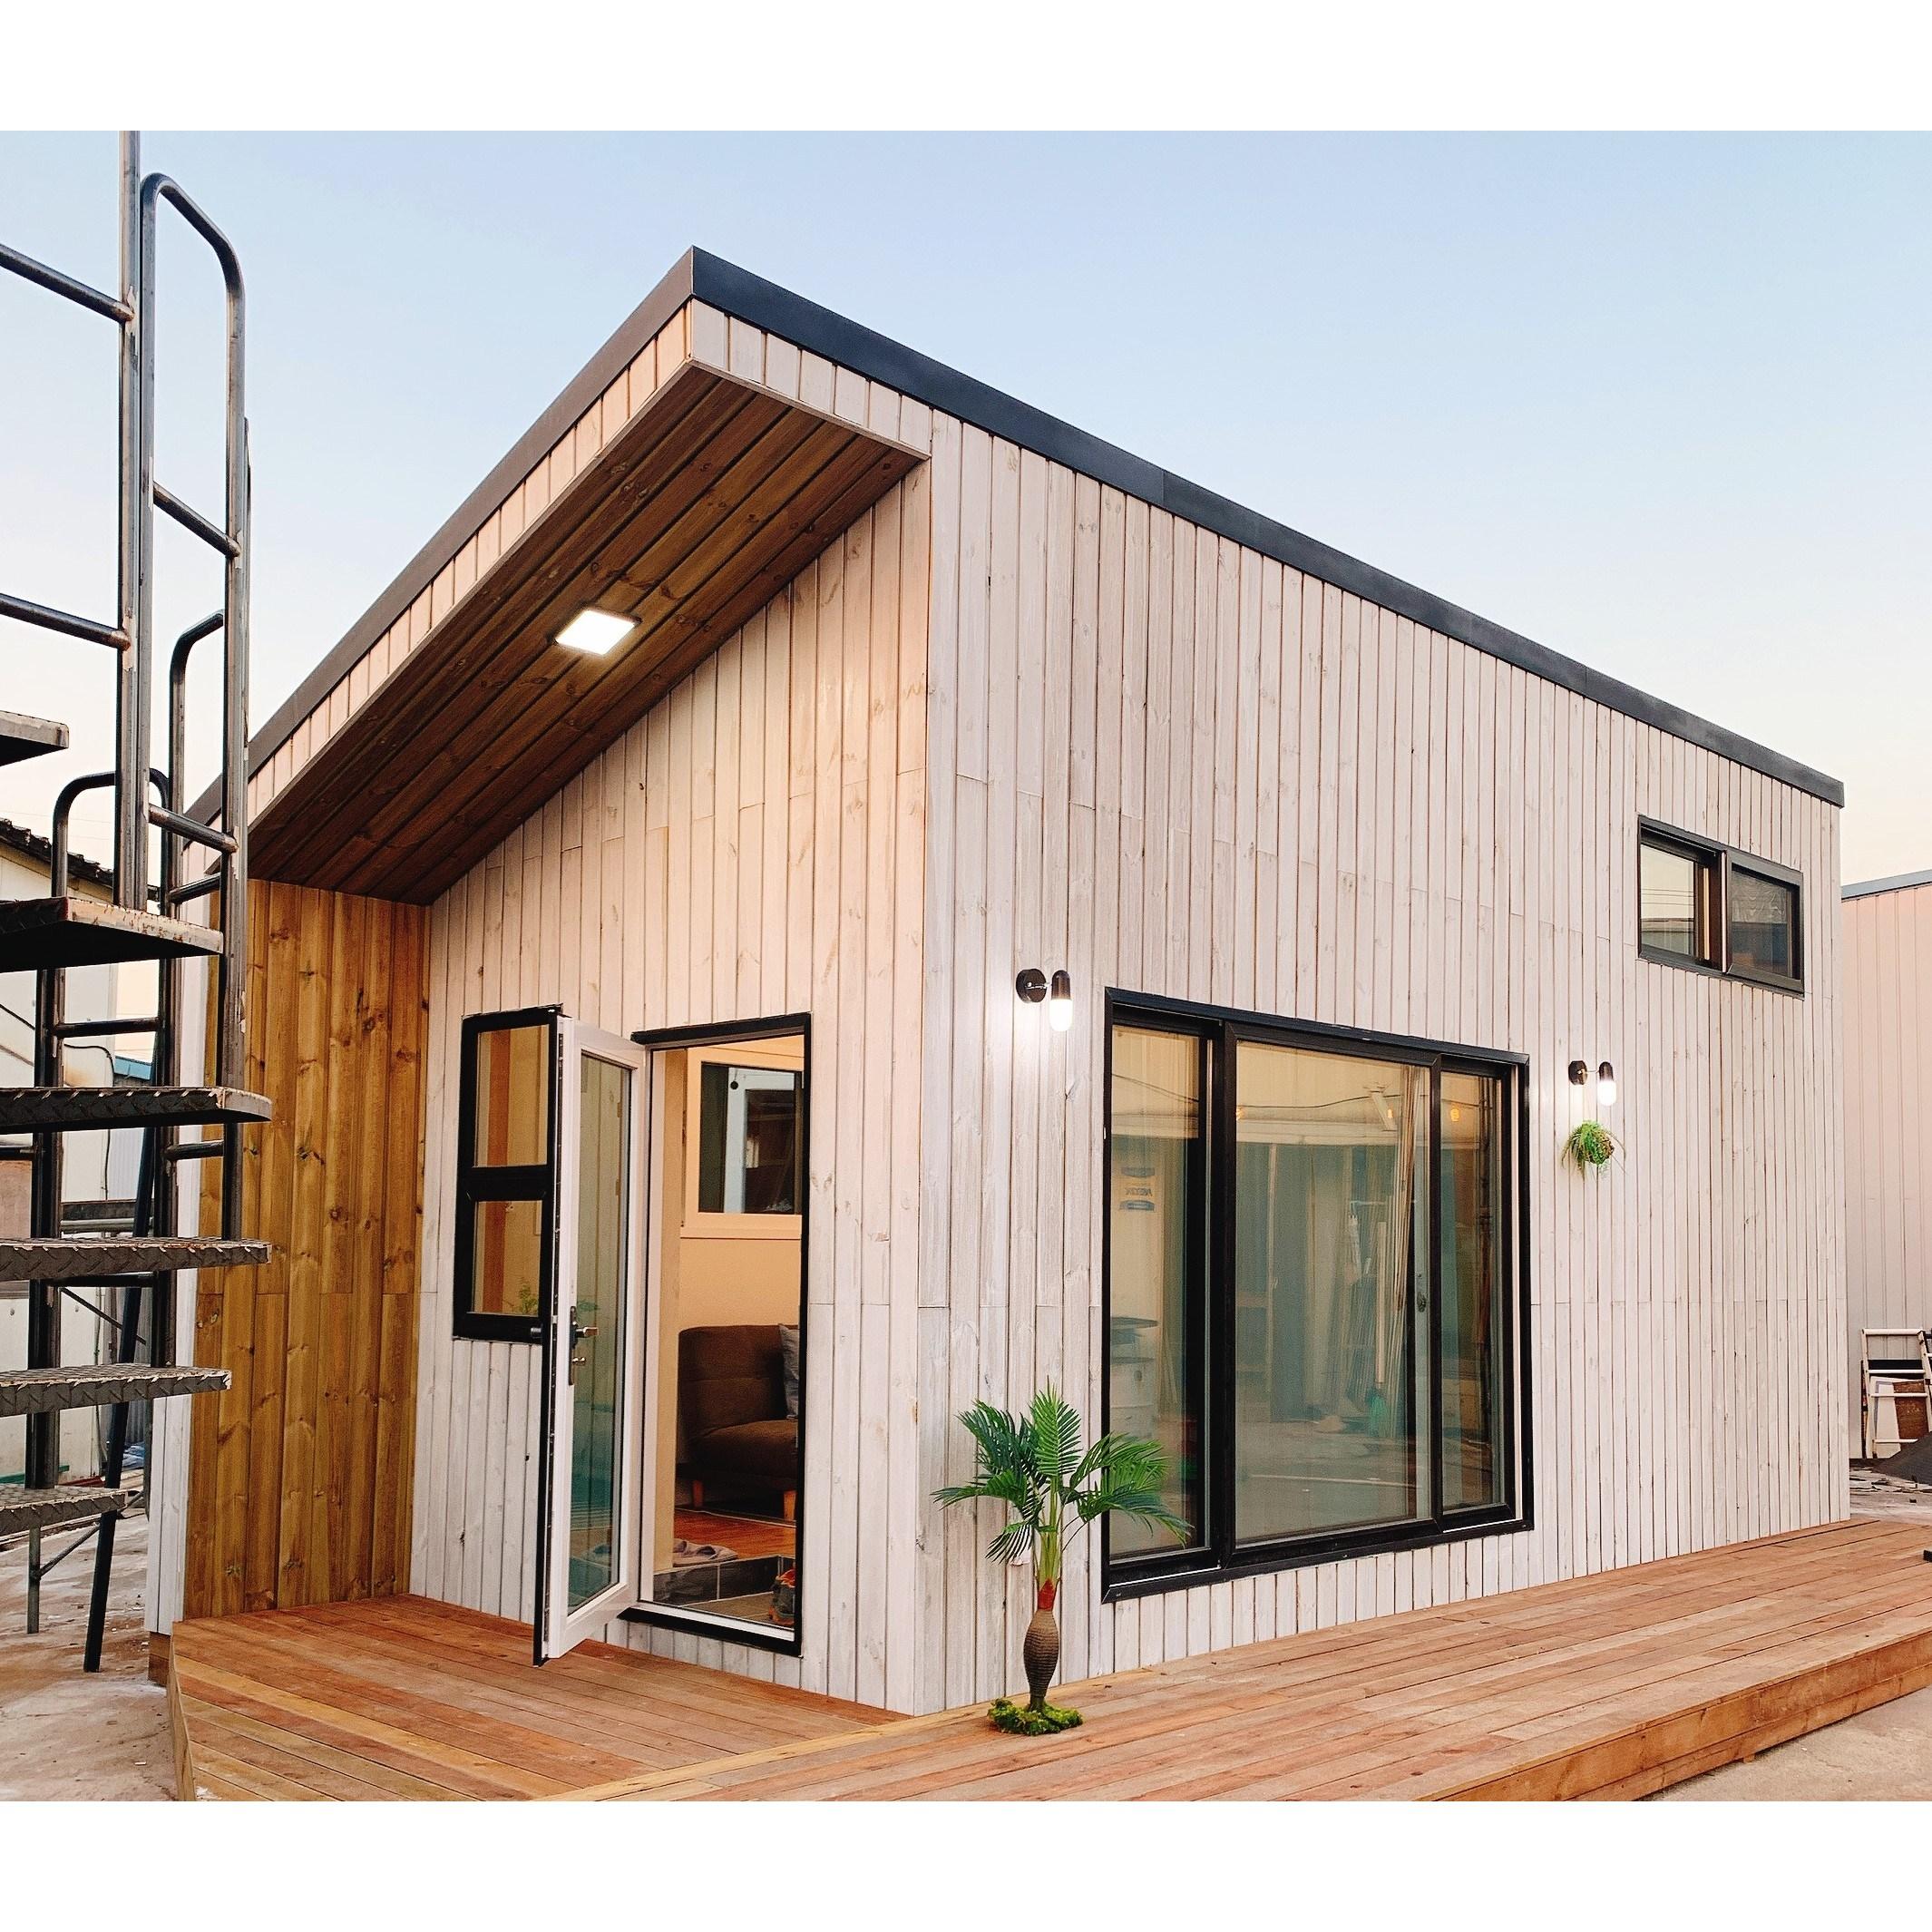 [SD건축] 이동식주택 소형주택 목조주택 모듈러하우스 복층형목조주택 #소담원(기본형) 기본에충실하다